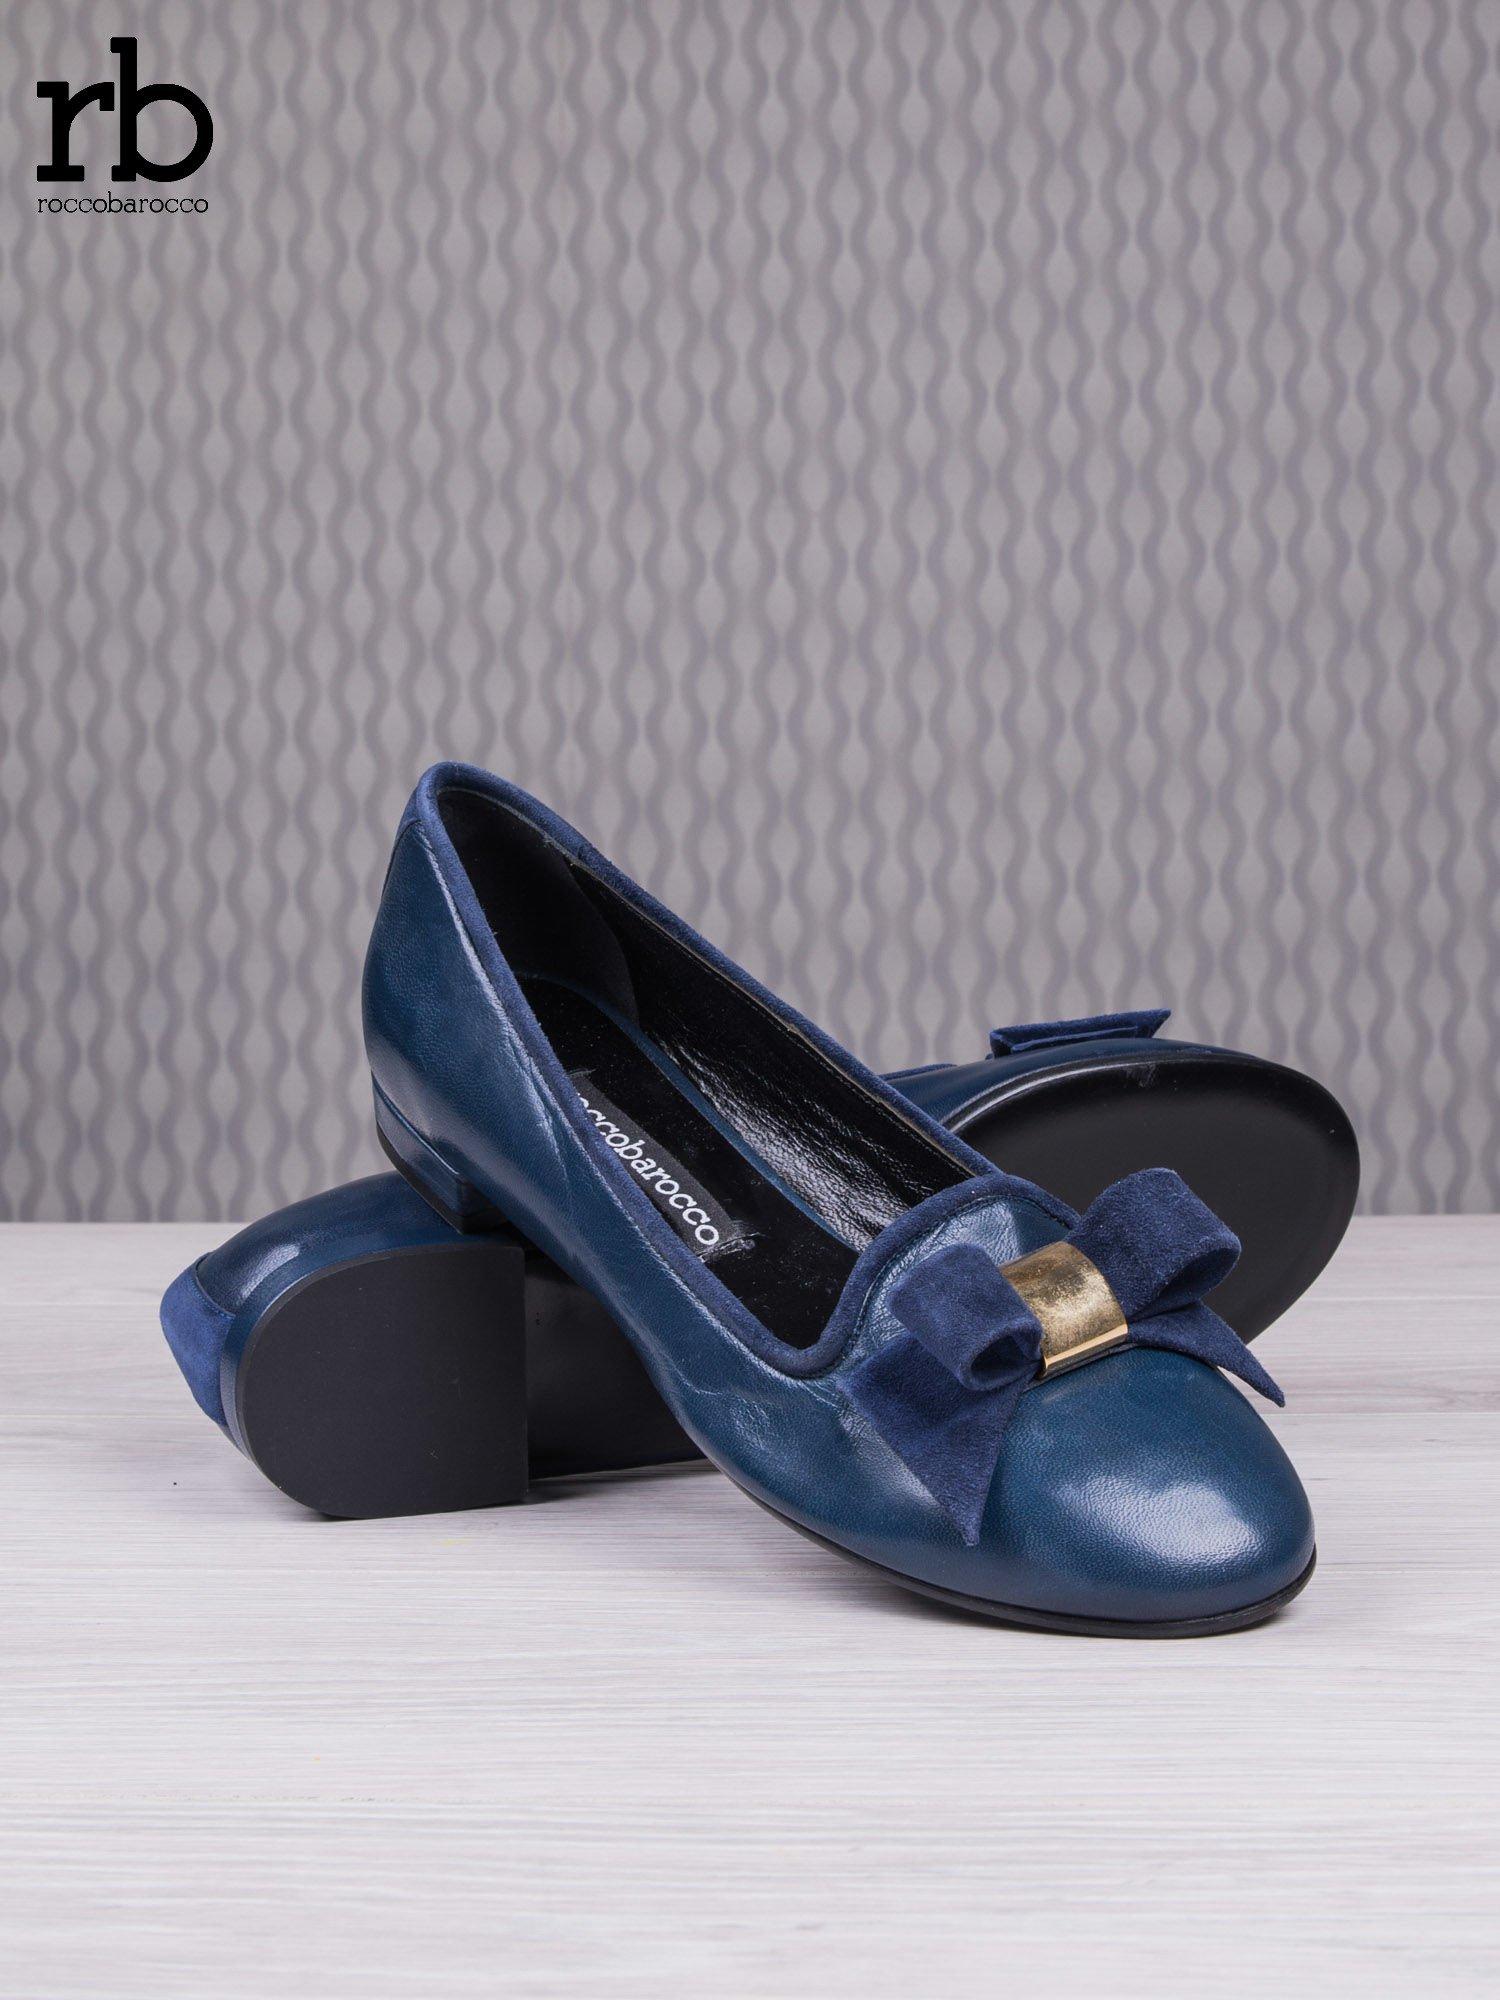 ROCCOBAROCCO Granatowe balerinki true leather skórzane z kokardką z zamszu                                  zdj.                                  4